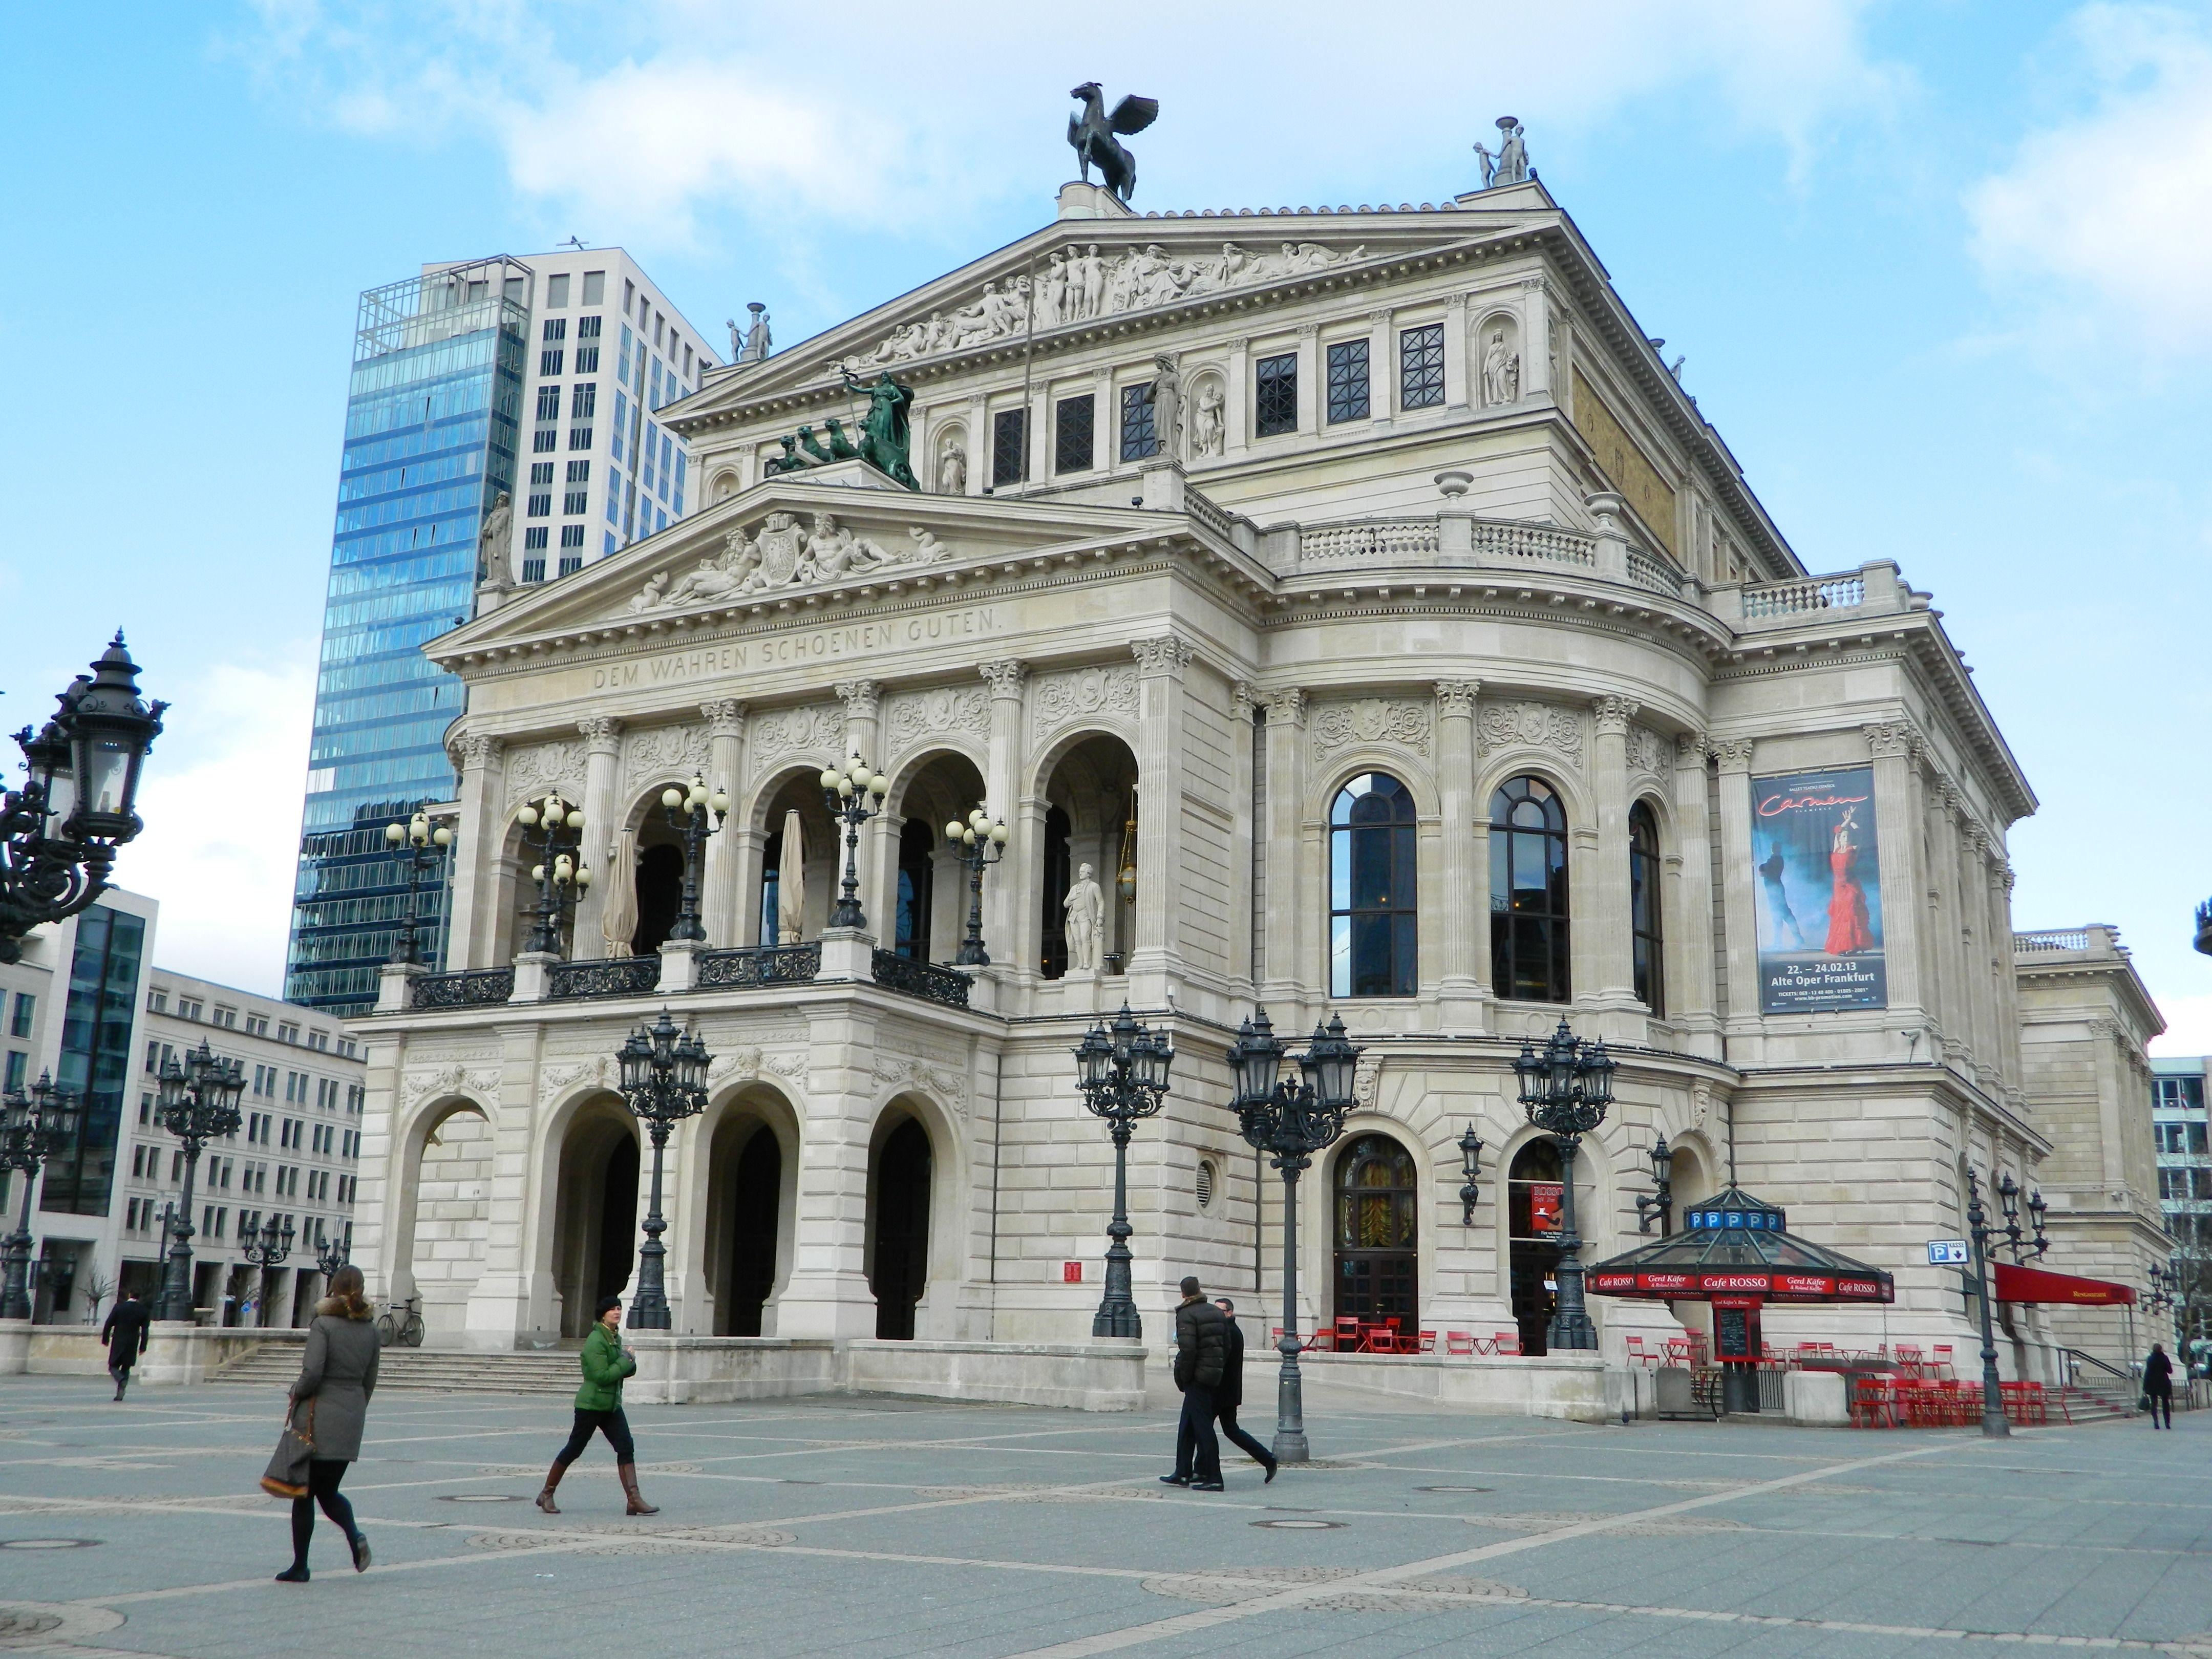 Die Alte Oper - Frankfurt, Germany